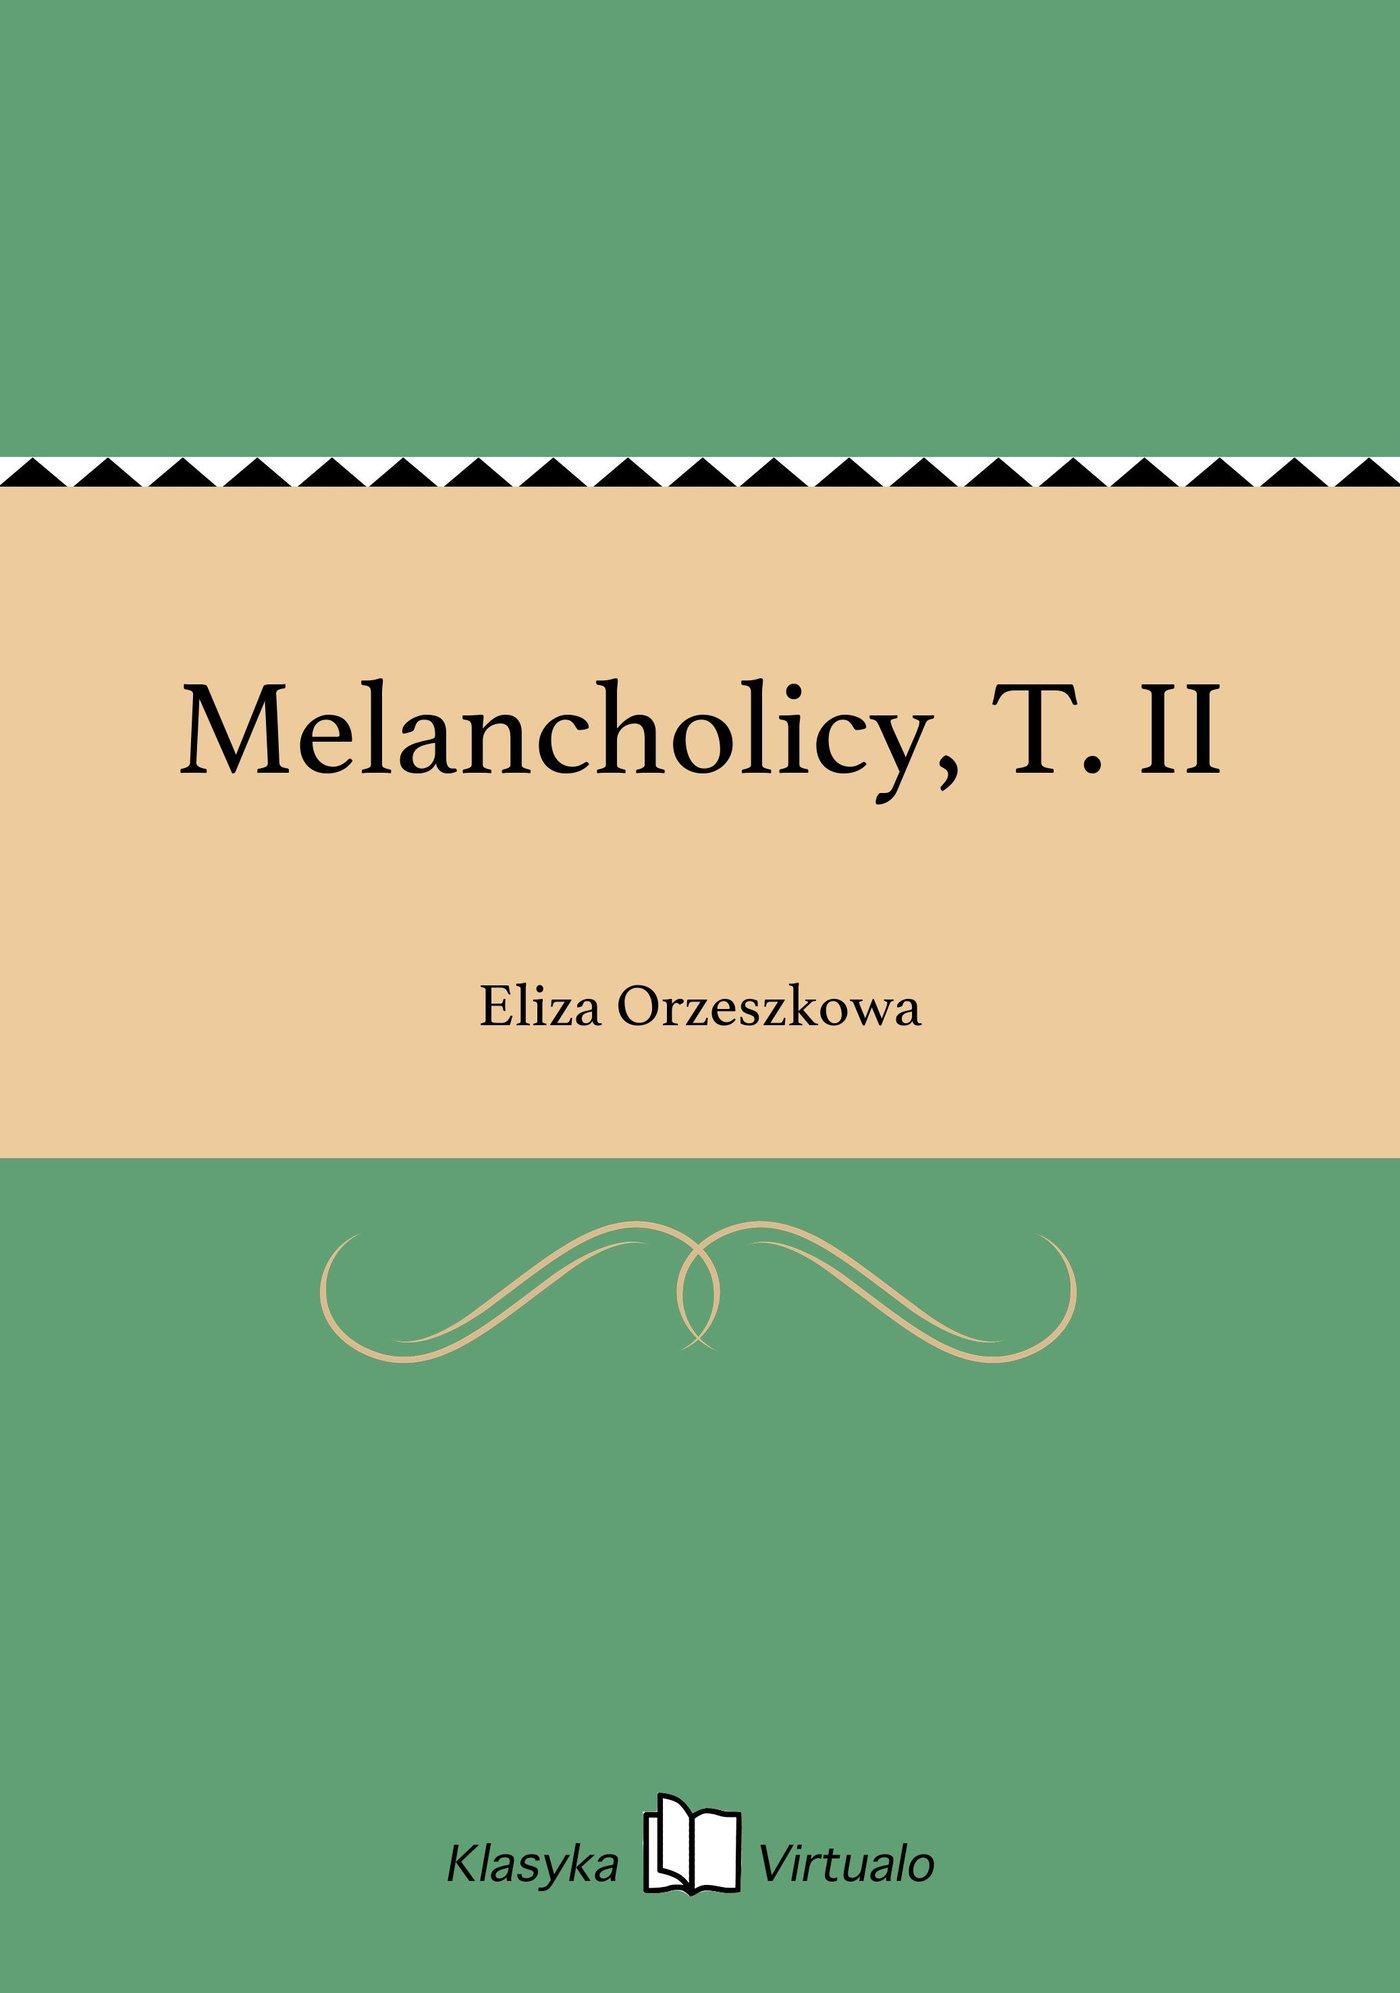 Melancholicy, T. II - Ebook (Książka EPUB) do pobrania w formacie EPUB